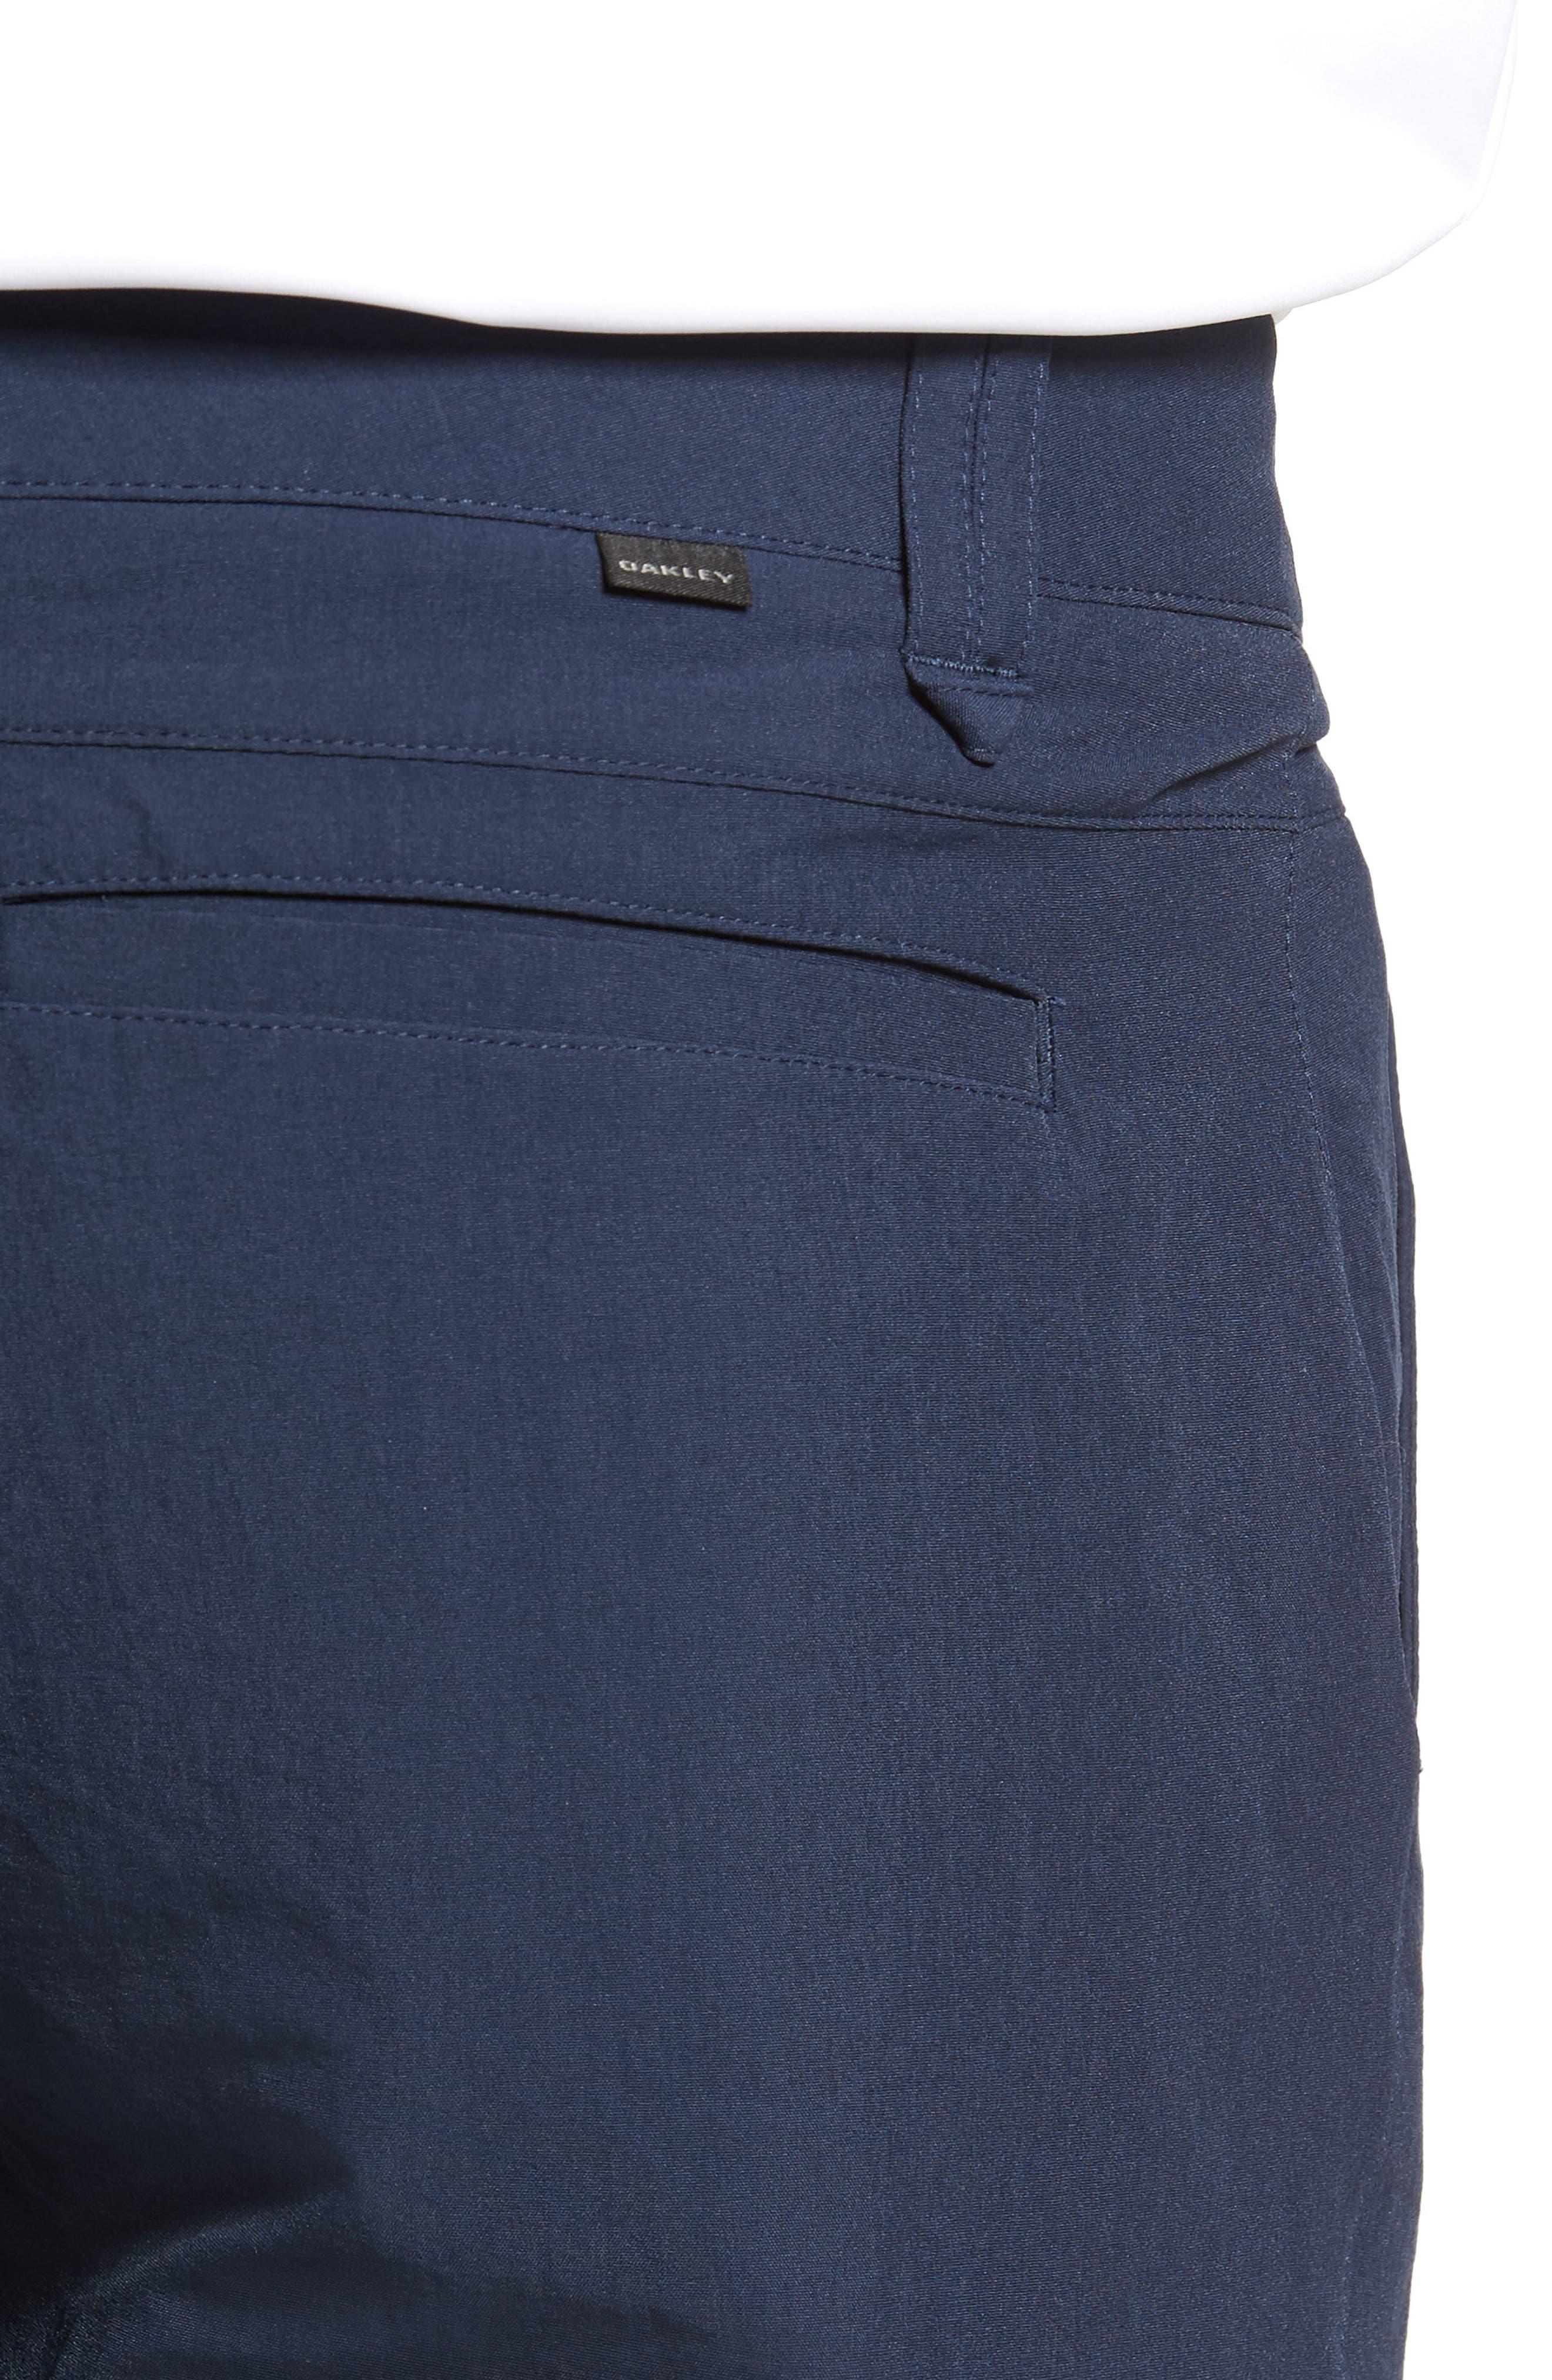 Take 2.5 Shorts,                             Alternate thumbnail 8, color,